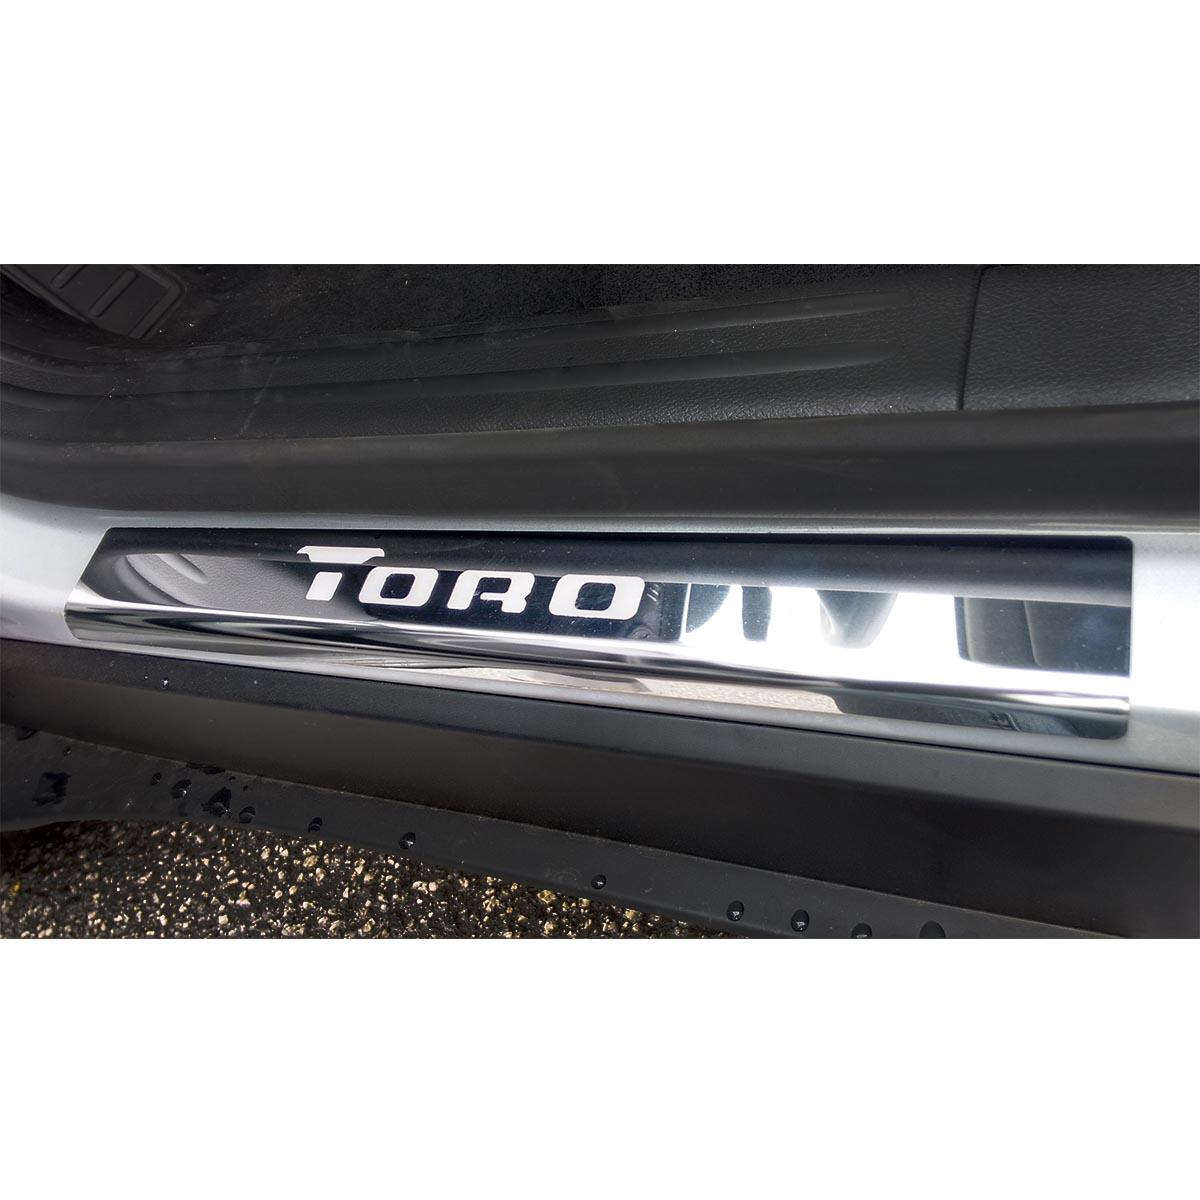 Protetor de soleira aço inox Fiat Toro 2017